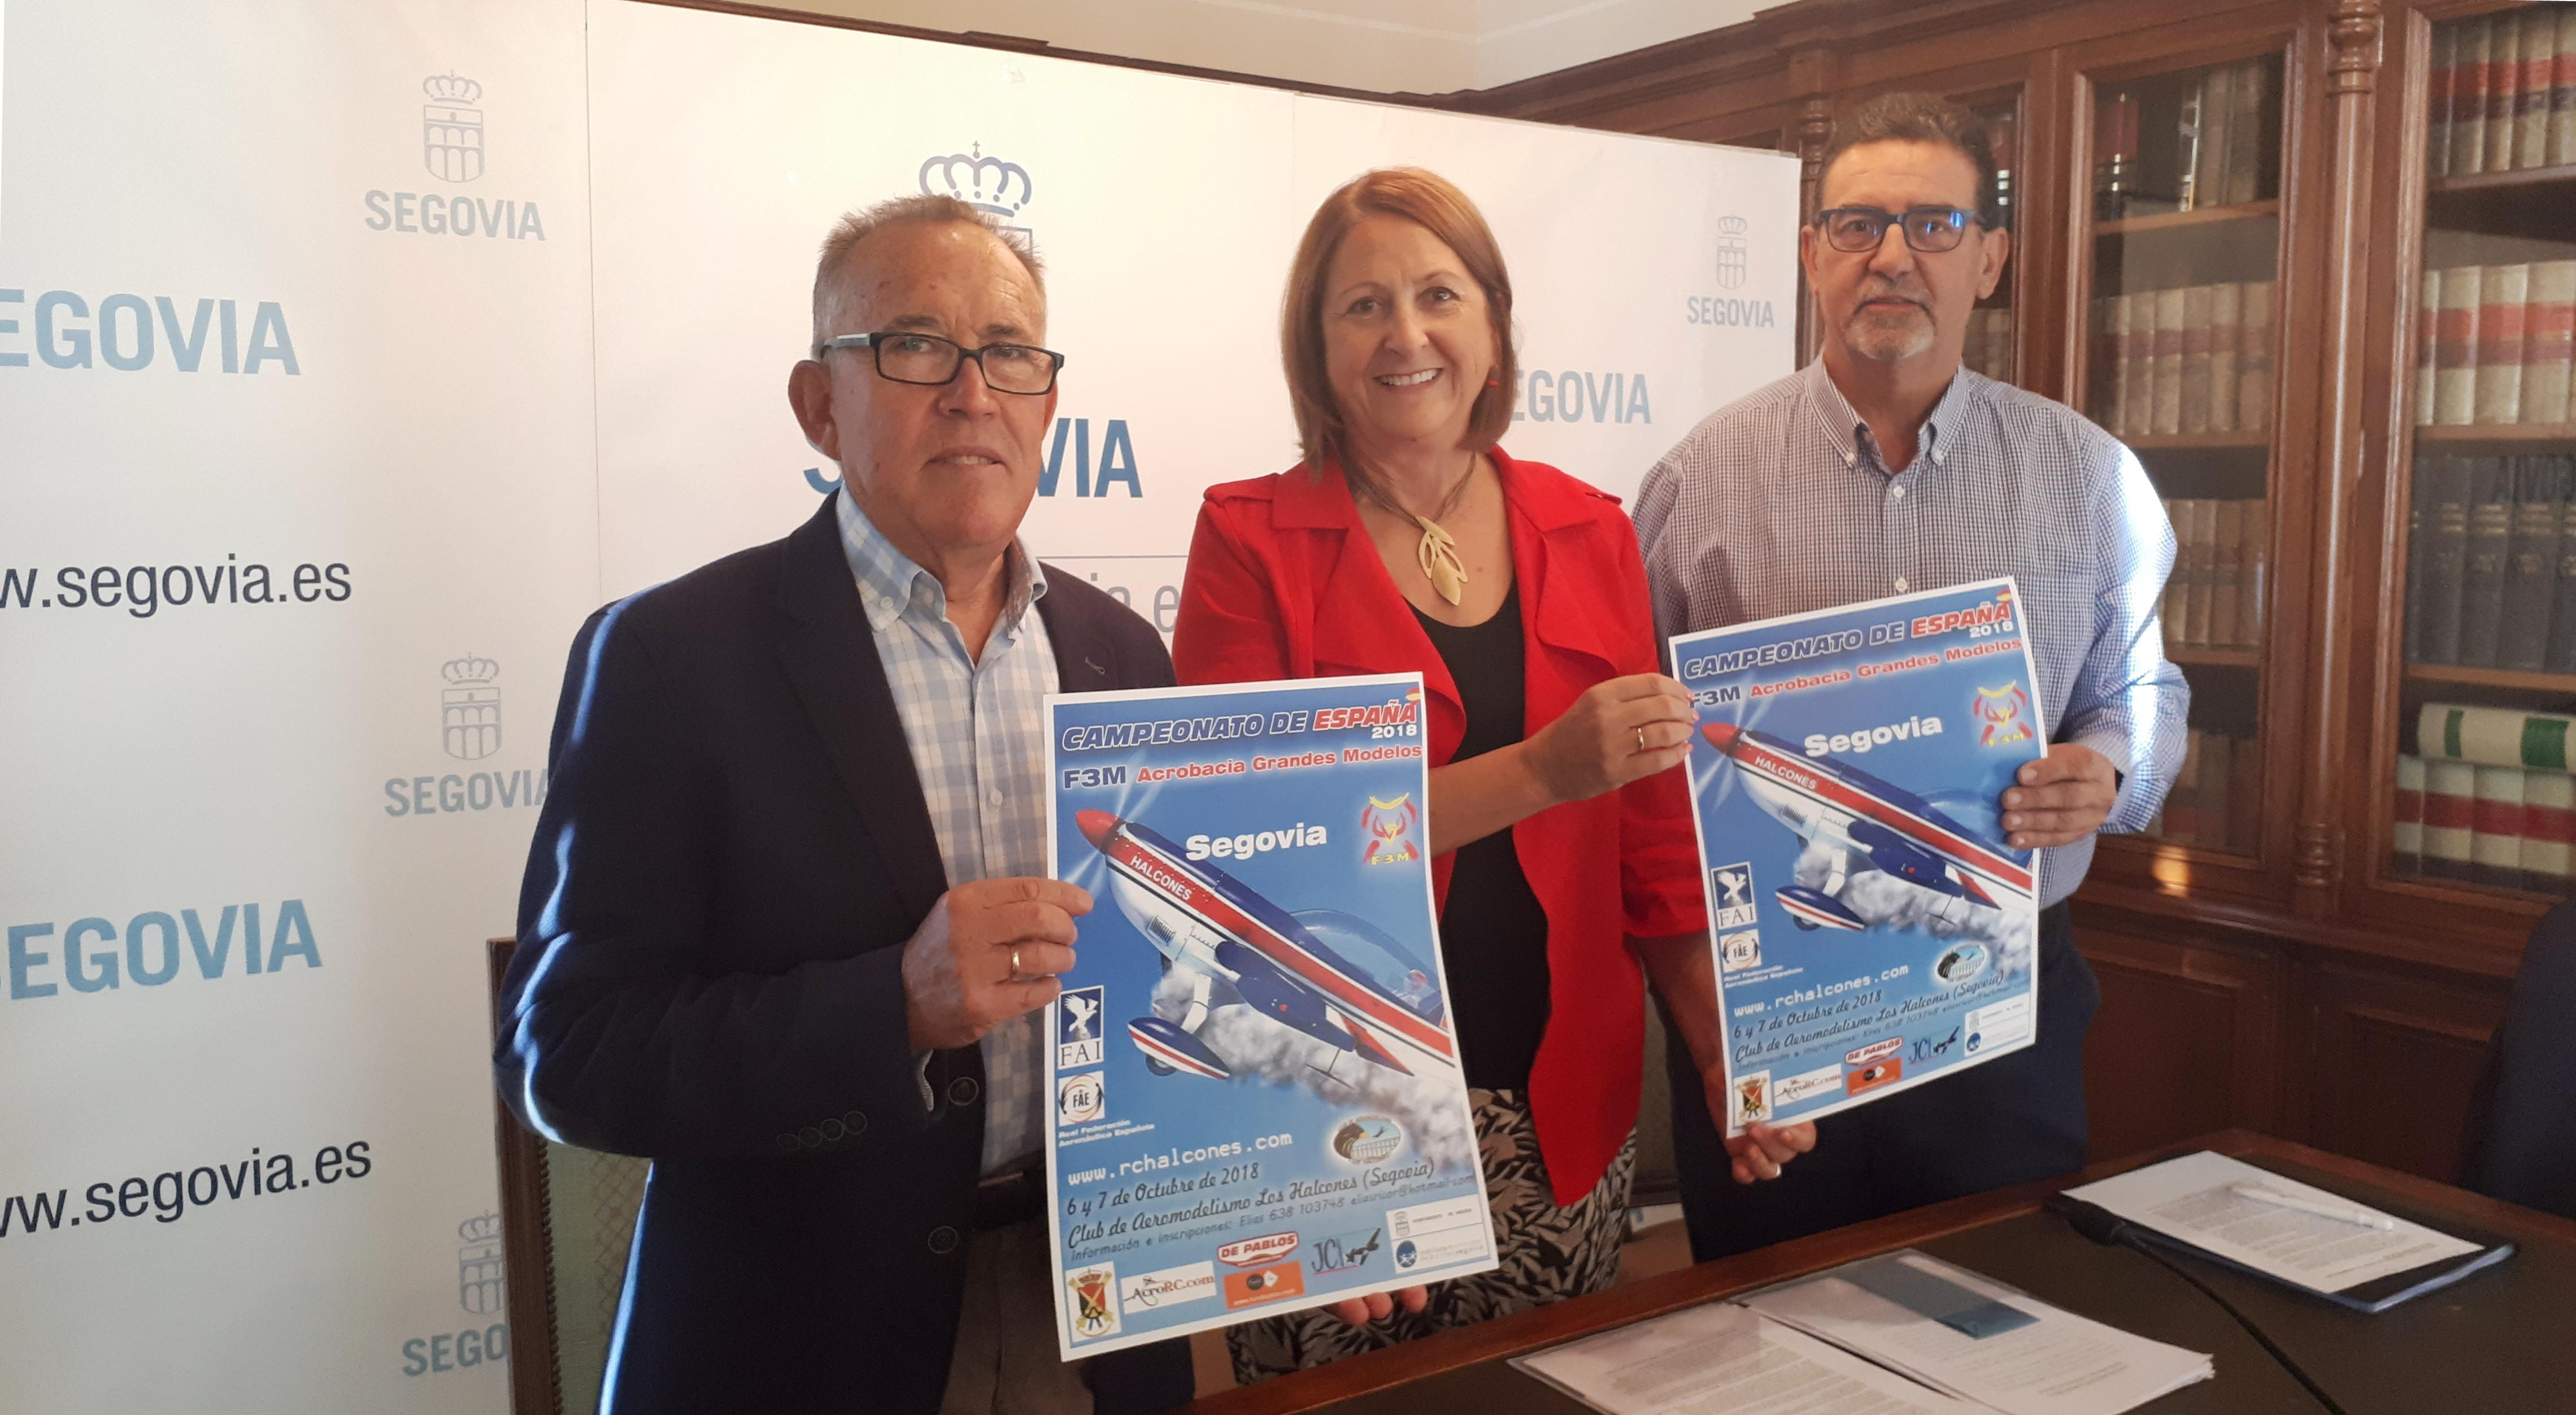 Segovia acoge el Campeonato de Aeromodelismo F3M, Grandes modelos, 2018